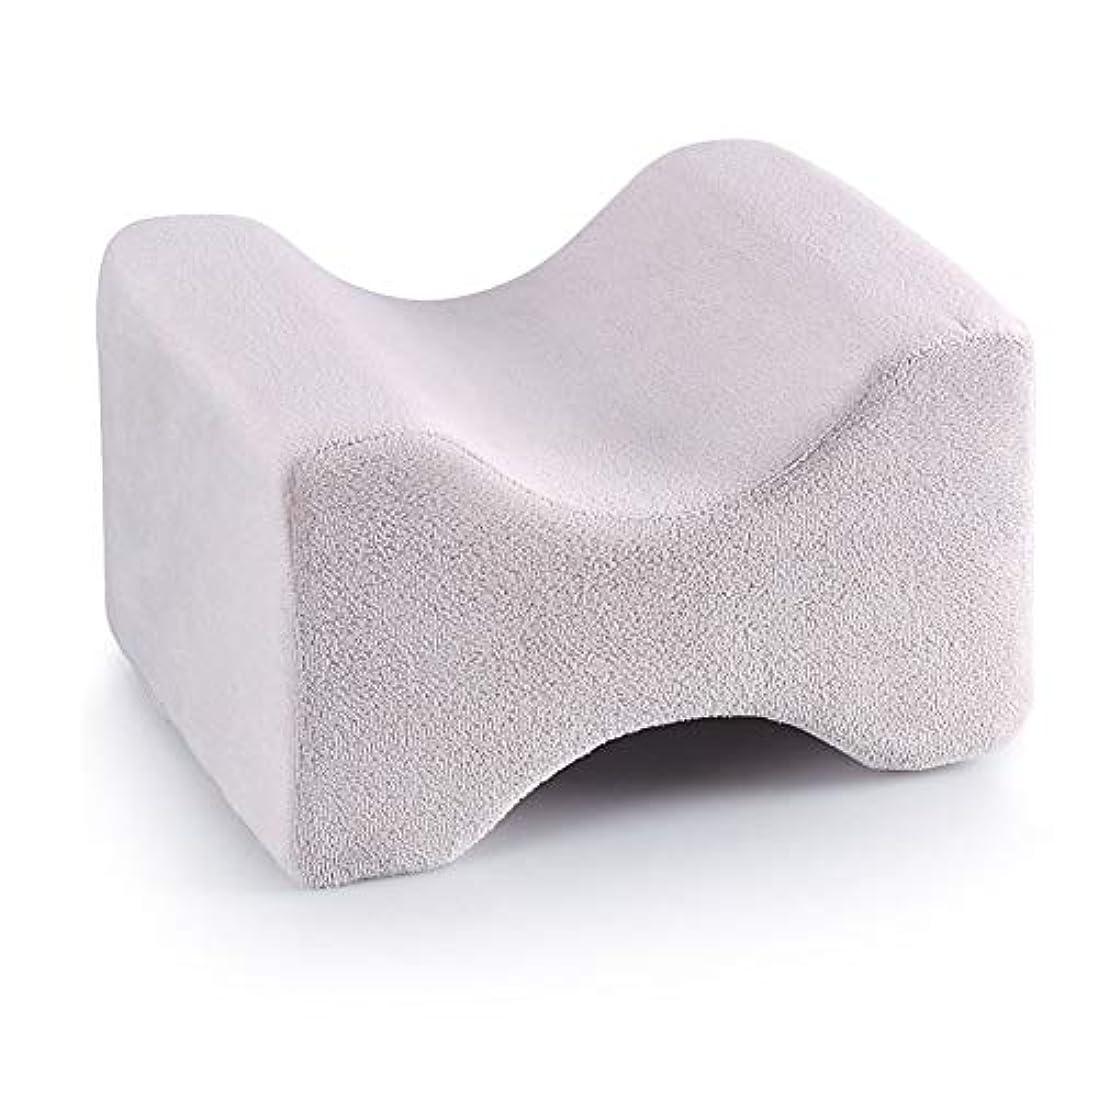 言及する処方モールス信号3パック整形外科用膝枕用リリーフ、取り外し可能な洗えるカバー、低反発ウェッジの輪郭を促し、睡眠を促進し、血液循環を改善